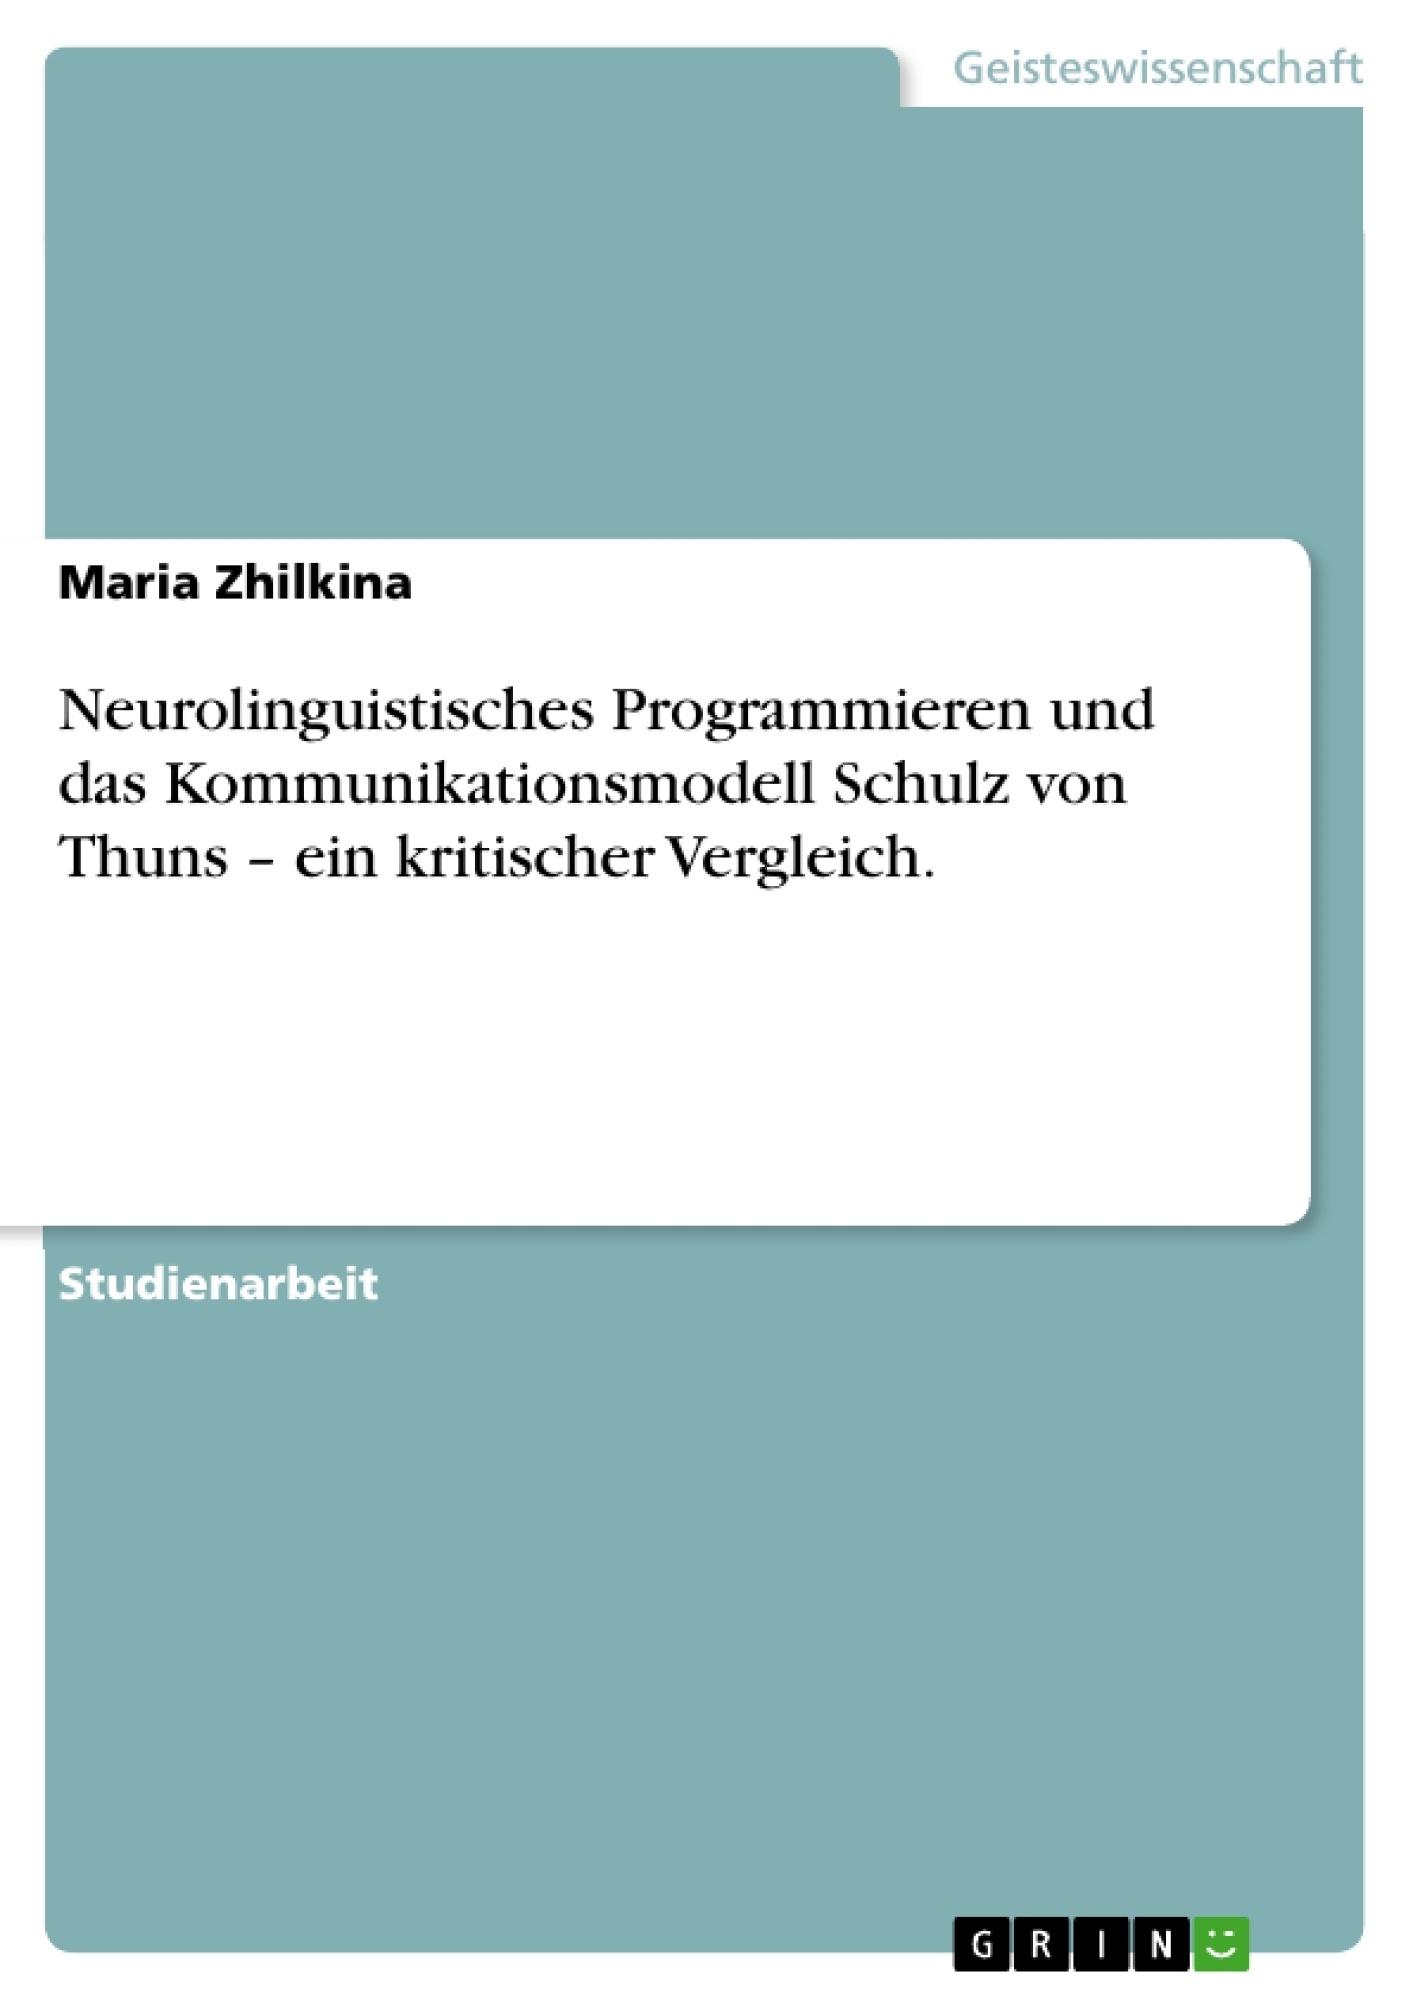 Titel: Neurolinguistisches Programmieren und das Kommunikationsmodell Schulz von Thuns – ein kritischer Vergleich.